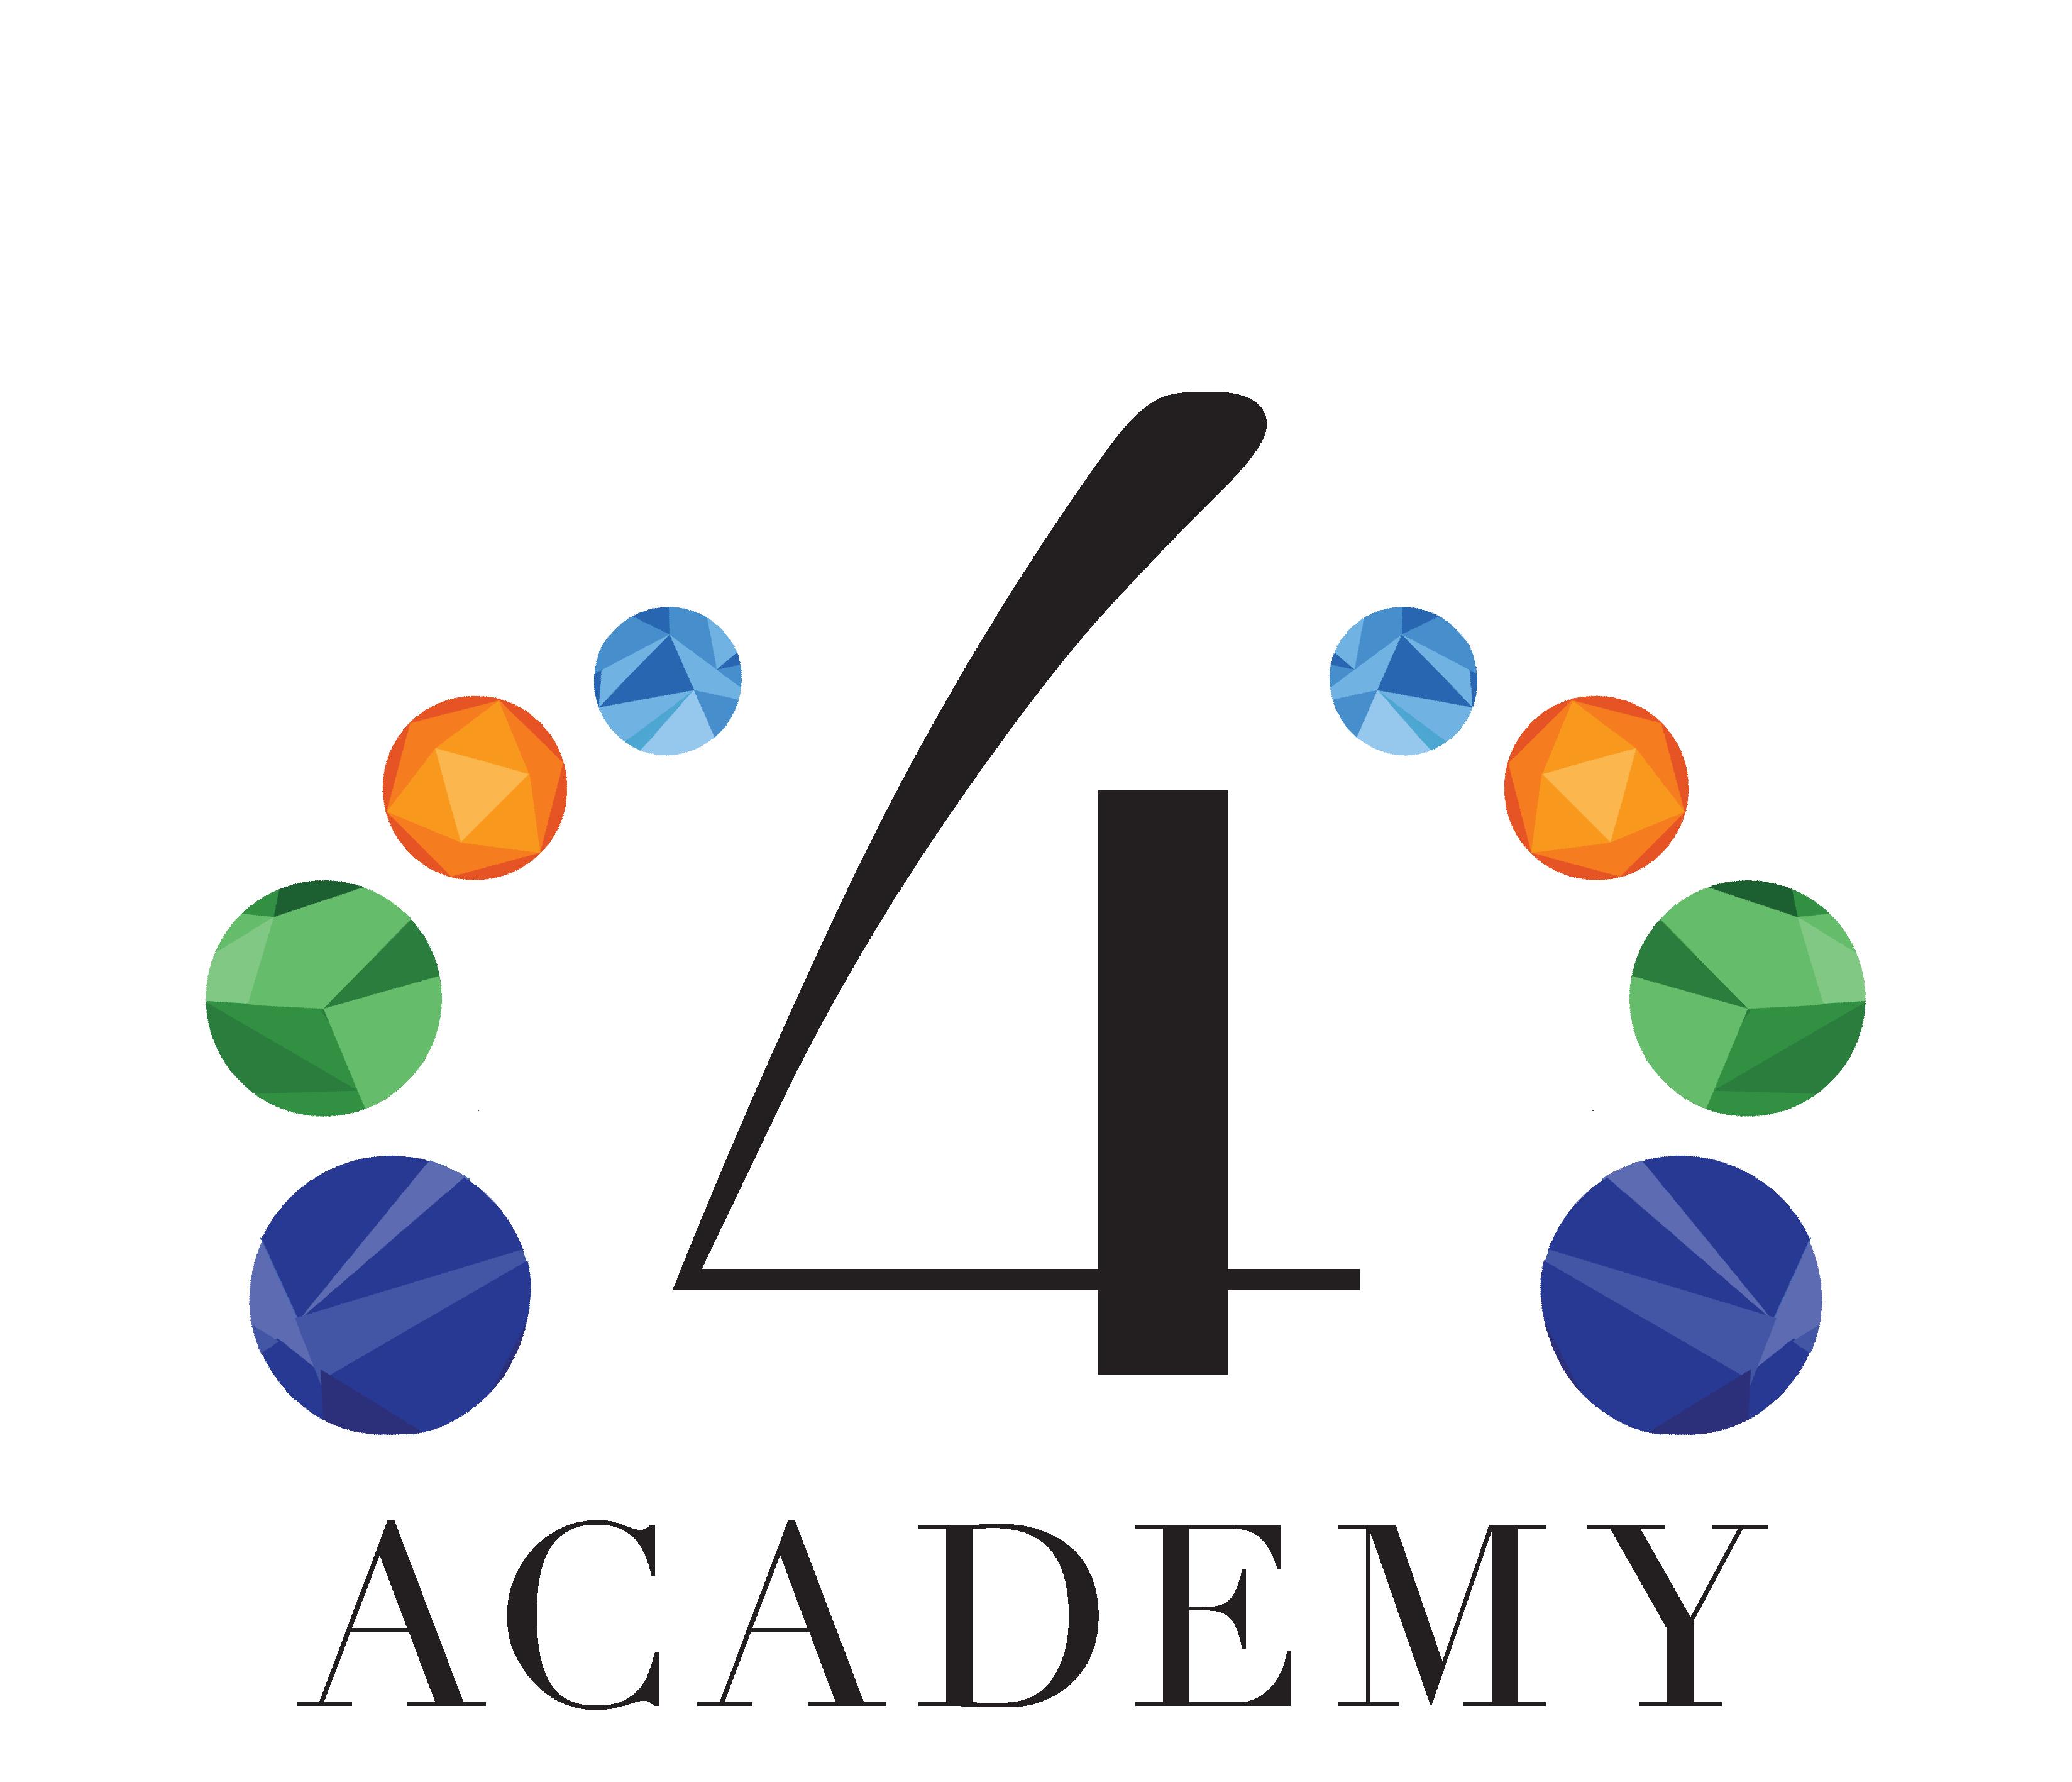 Cu4tro Academy, una nueva iniciativa de Cu4tromarketing que apuesta por el desarrollo del talento digital